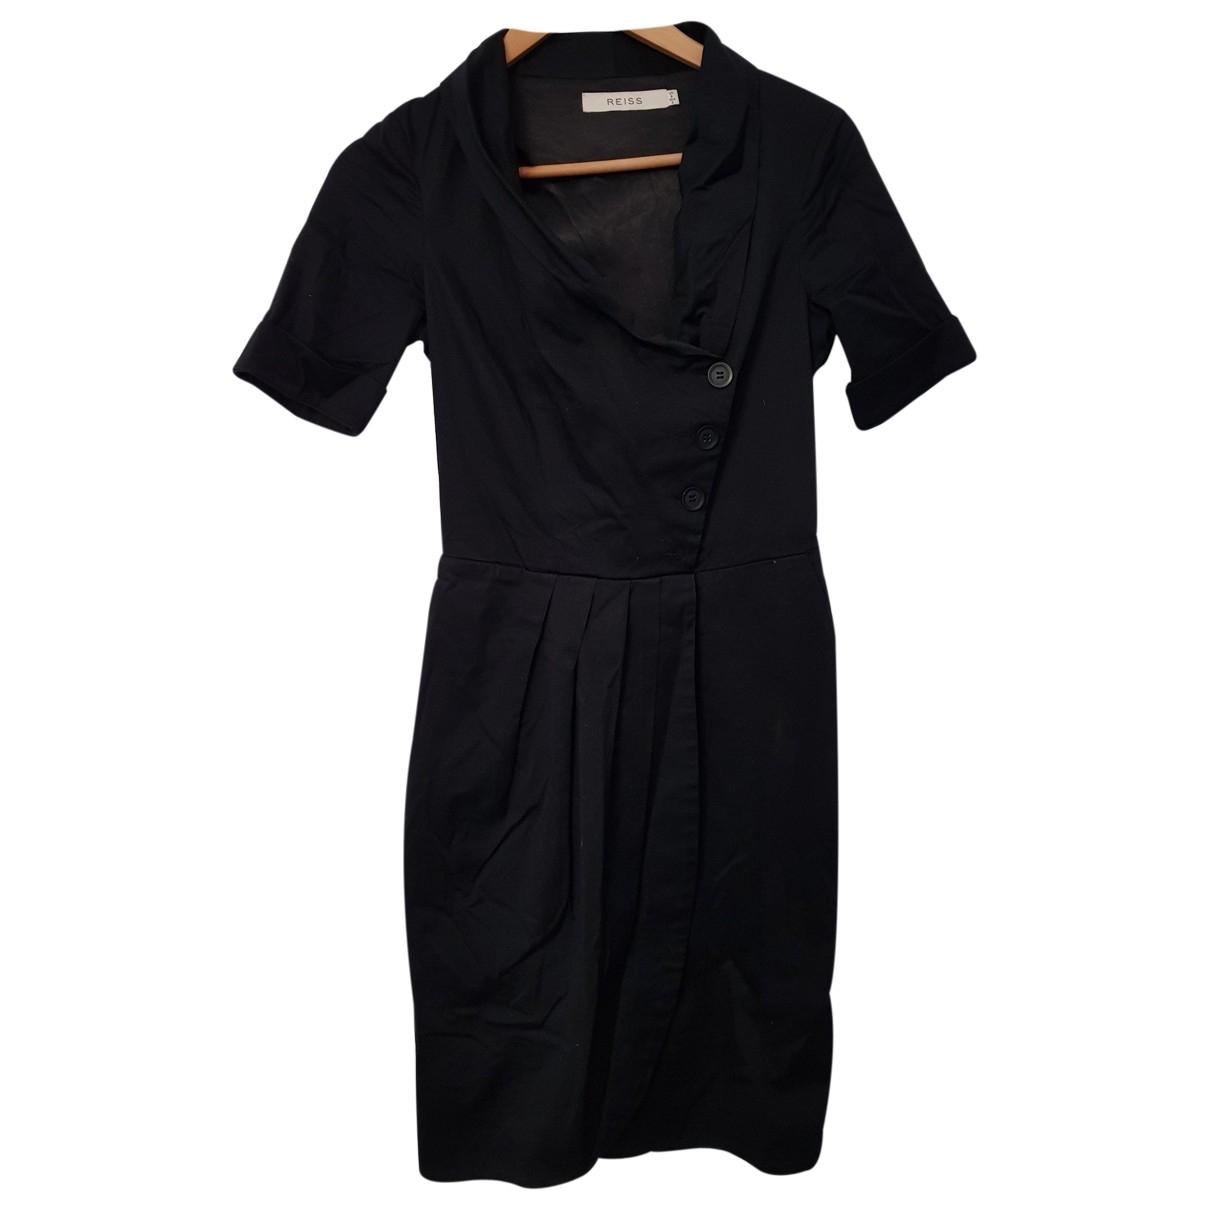 Reiss \N Black Cotton dress for Women 6 UK